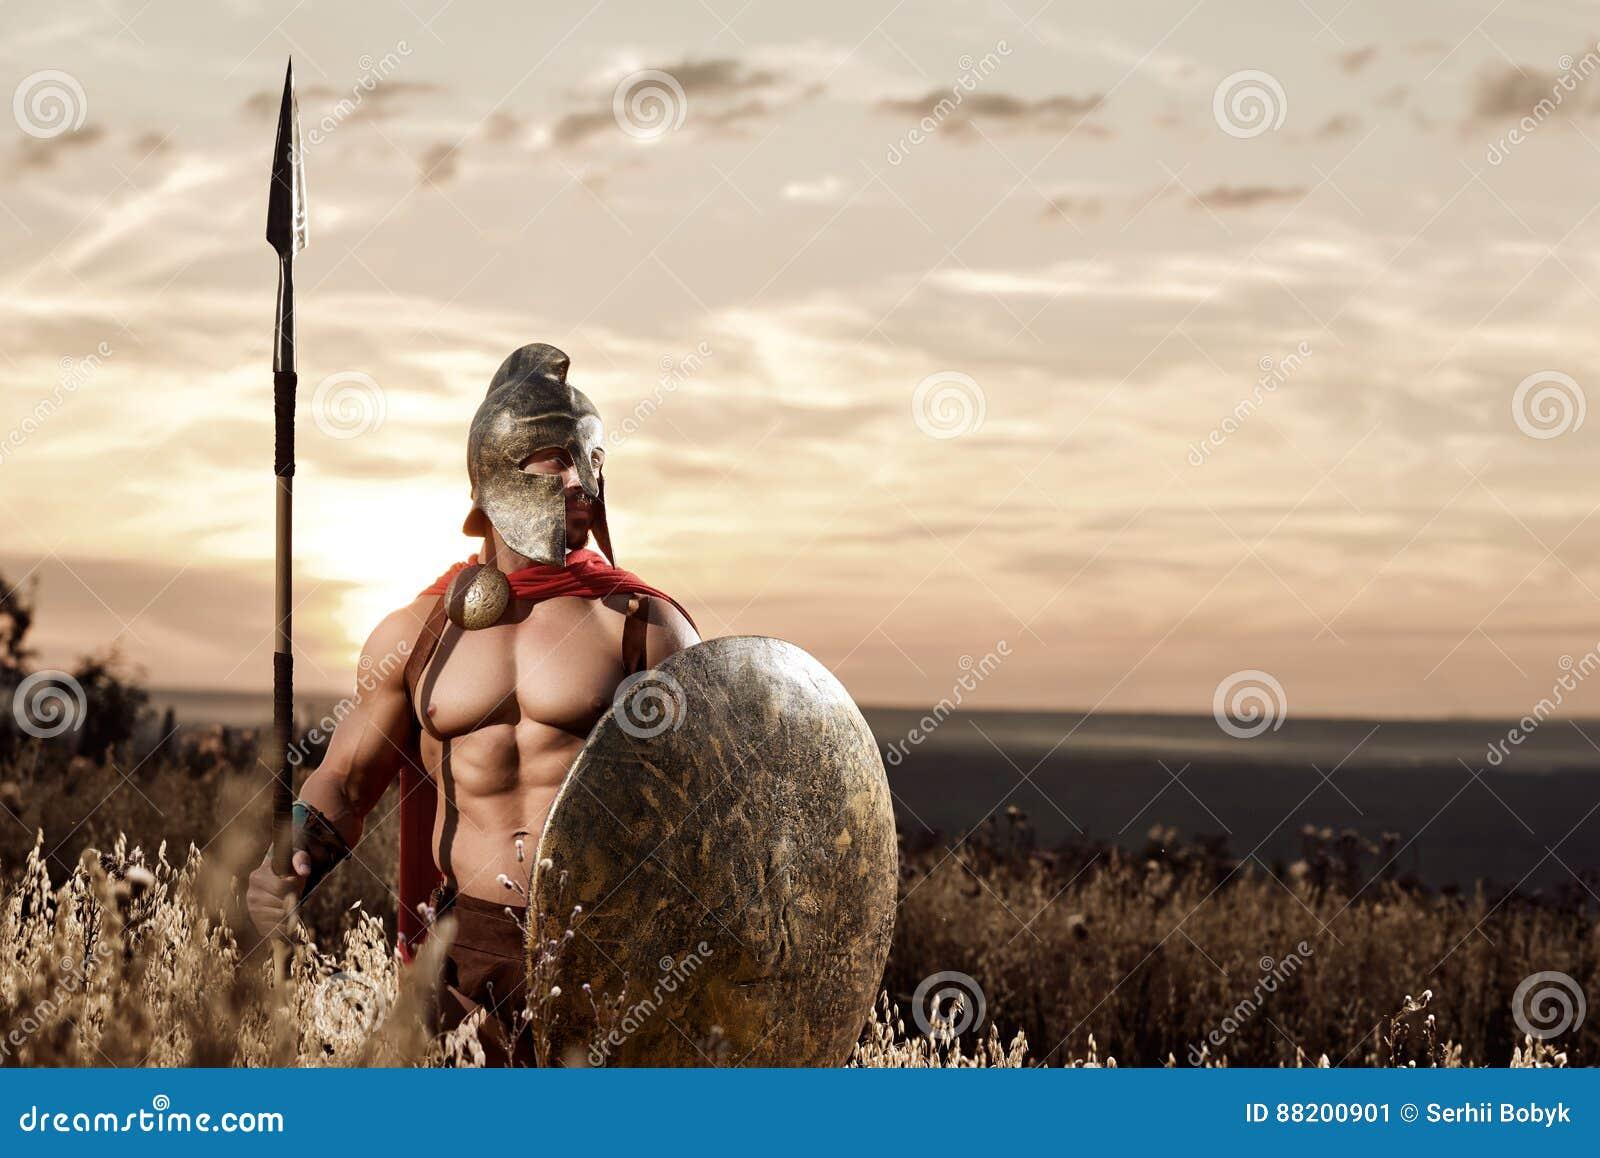 Sterke Spartaanse strijder in veldtenue met een schild en spear